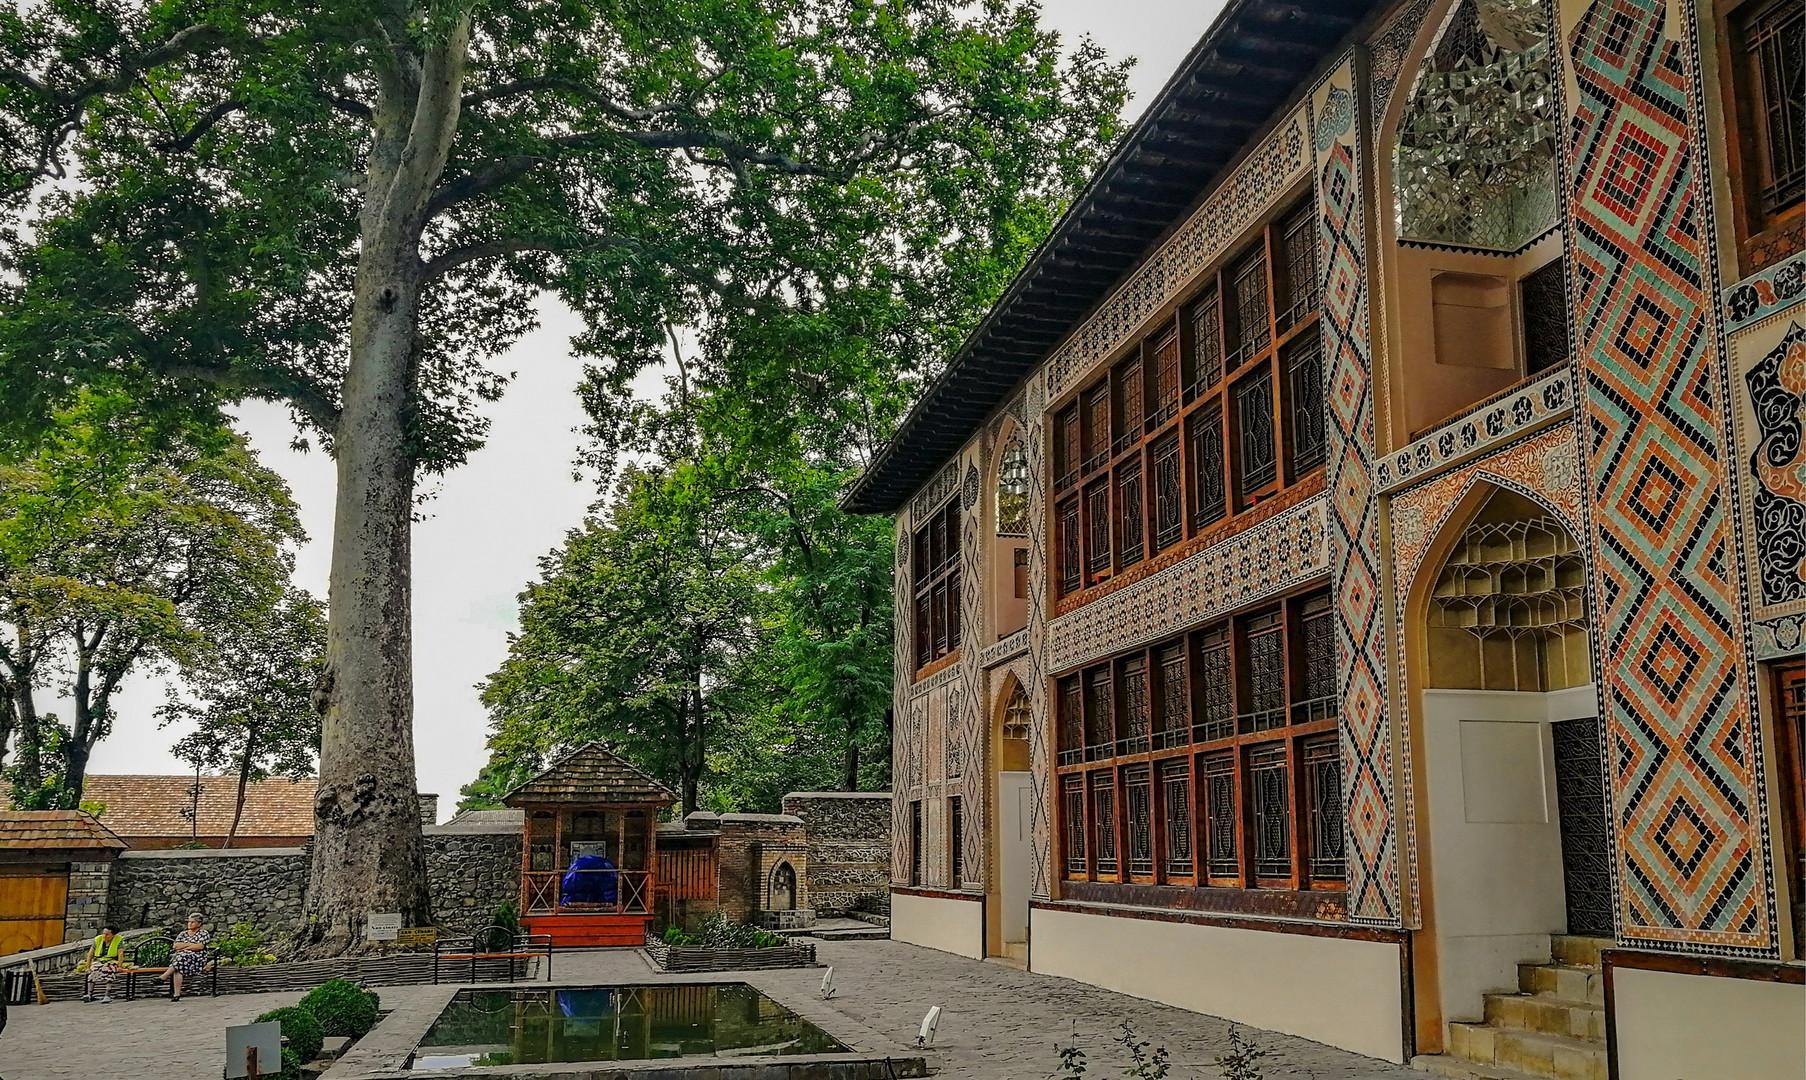 Дворец шекинских ханов, Шеки